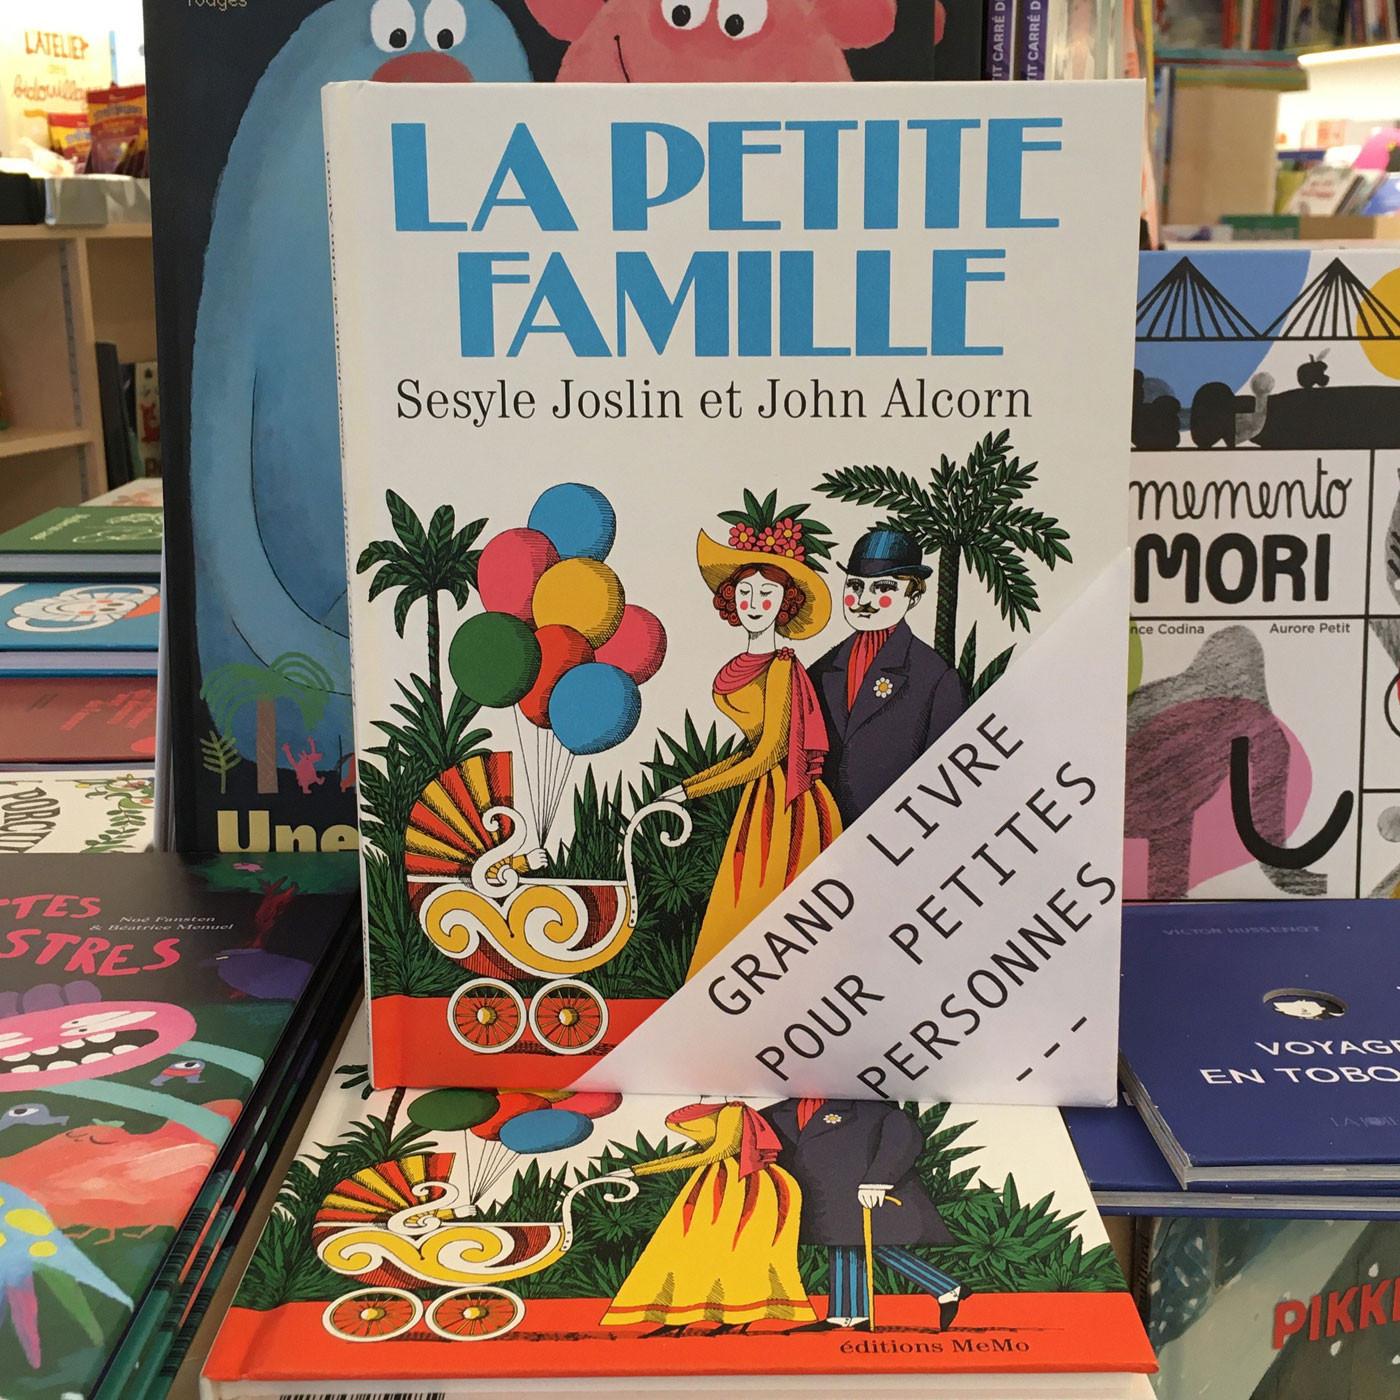 Grands livres pour petites personnes #20 - La Petite famille